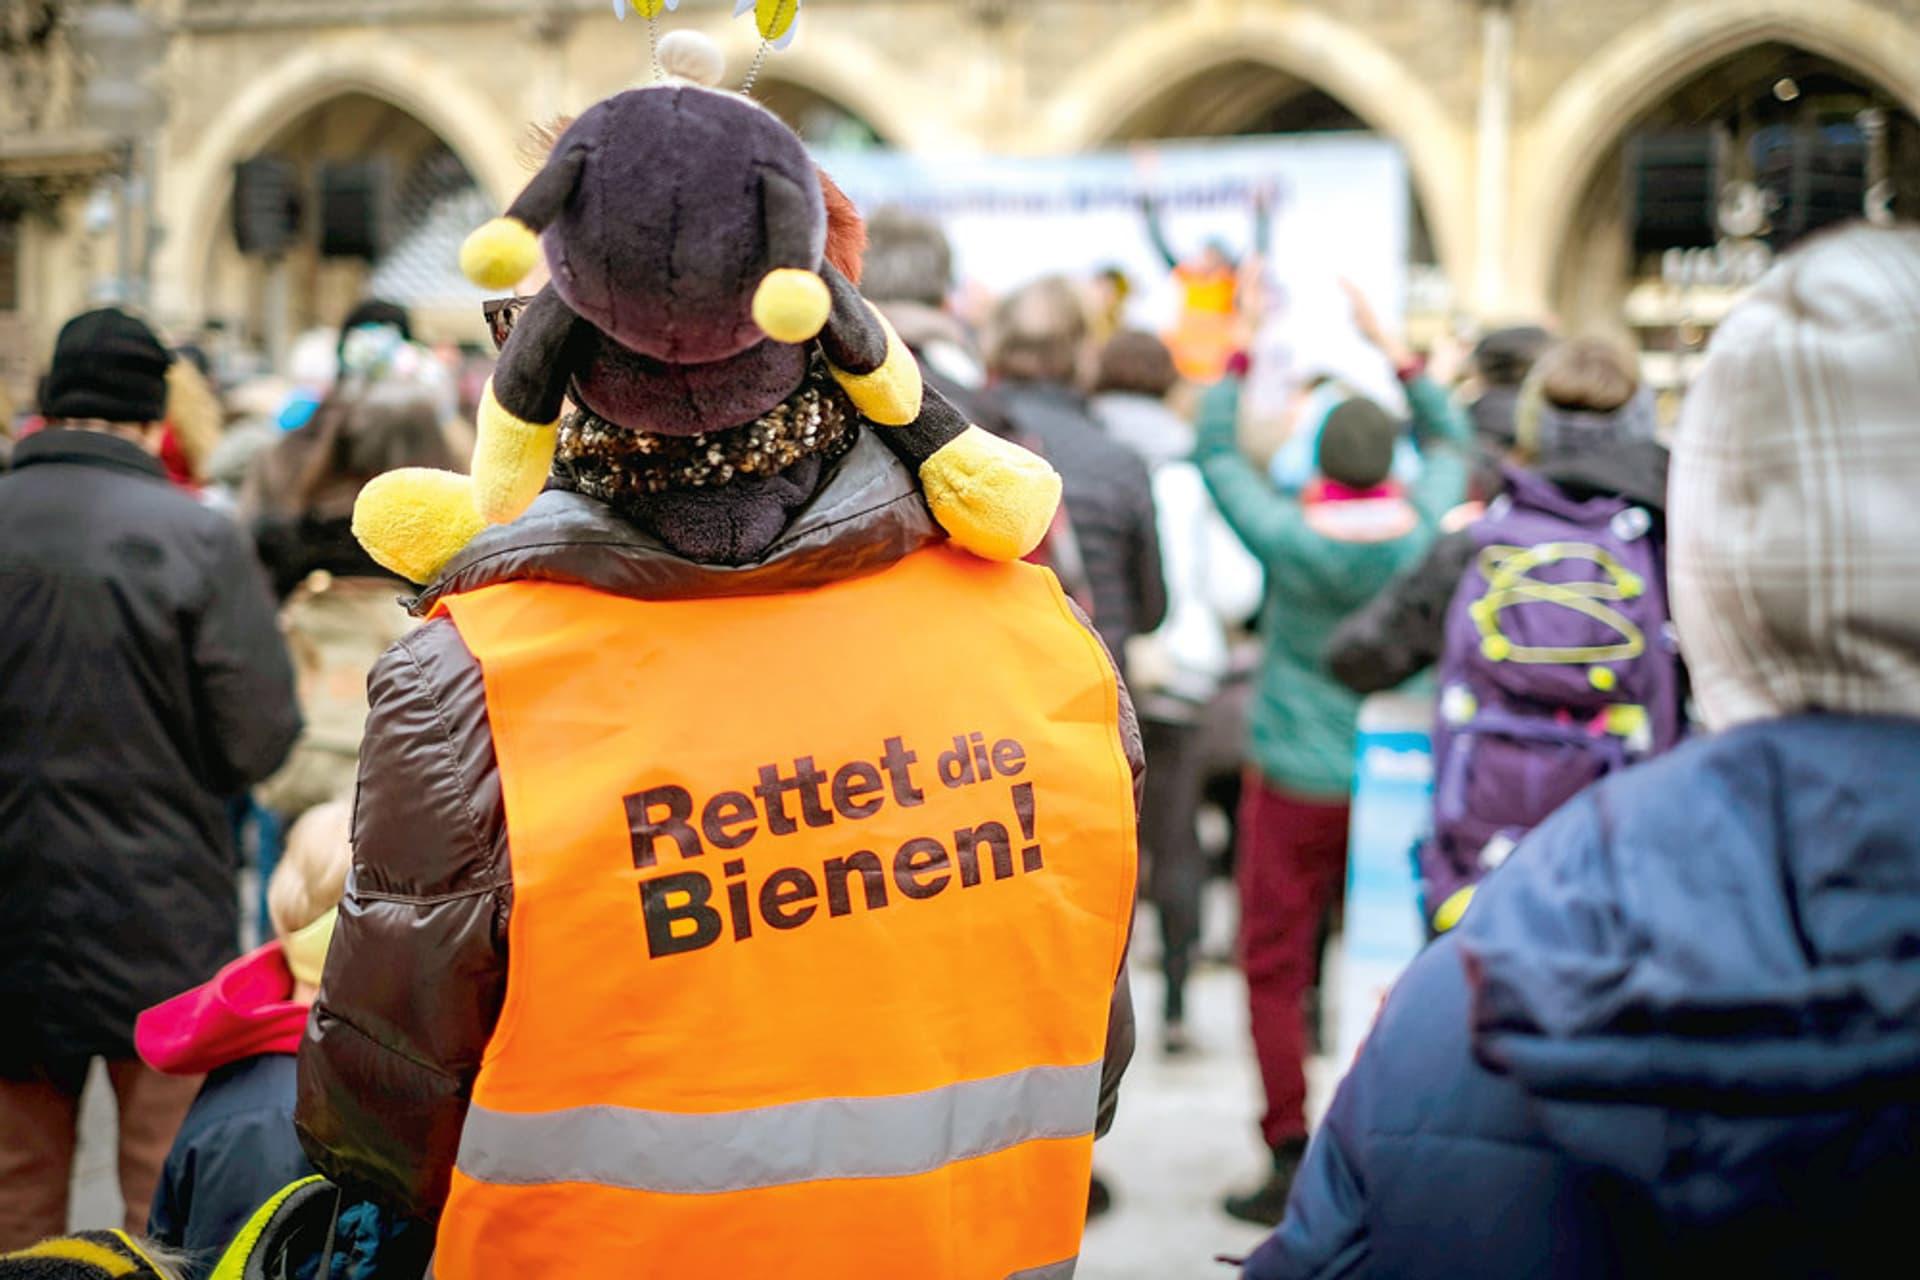 Demonstrant auf dessen oranger Weste steht: Rettet die Bienen